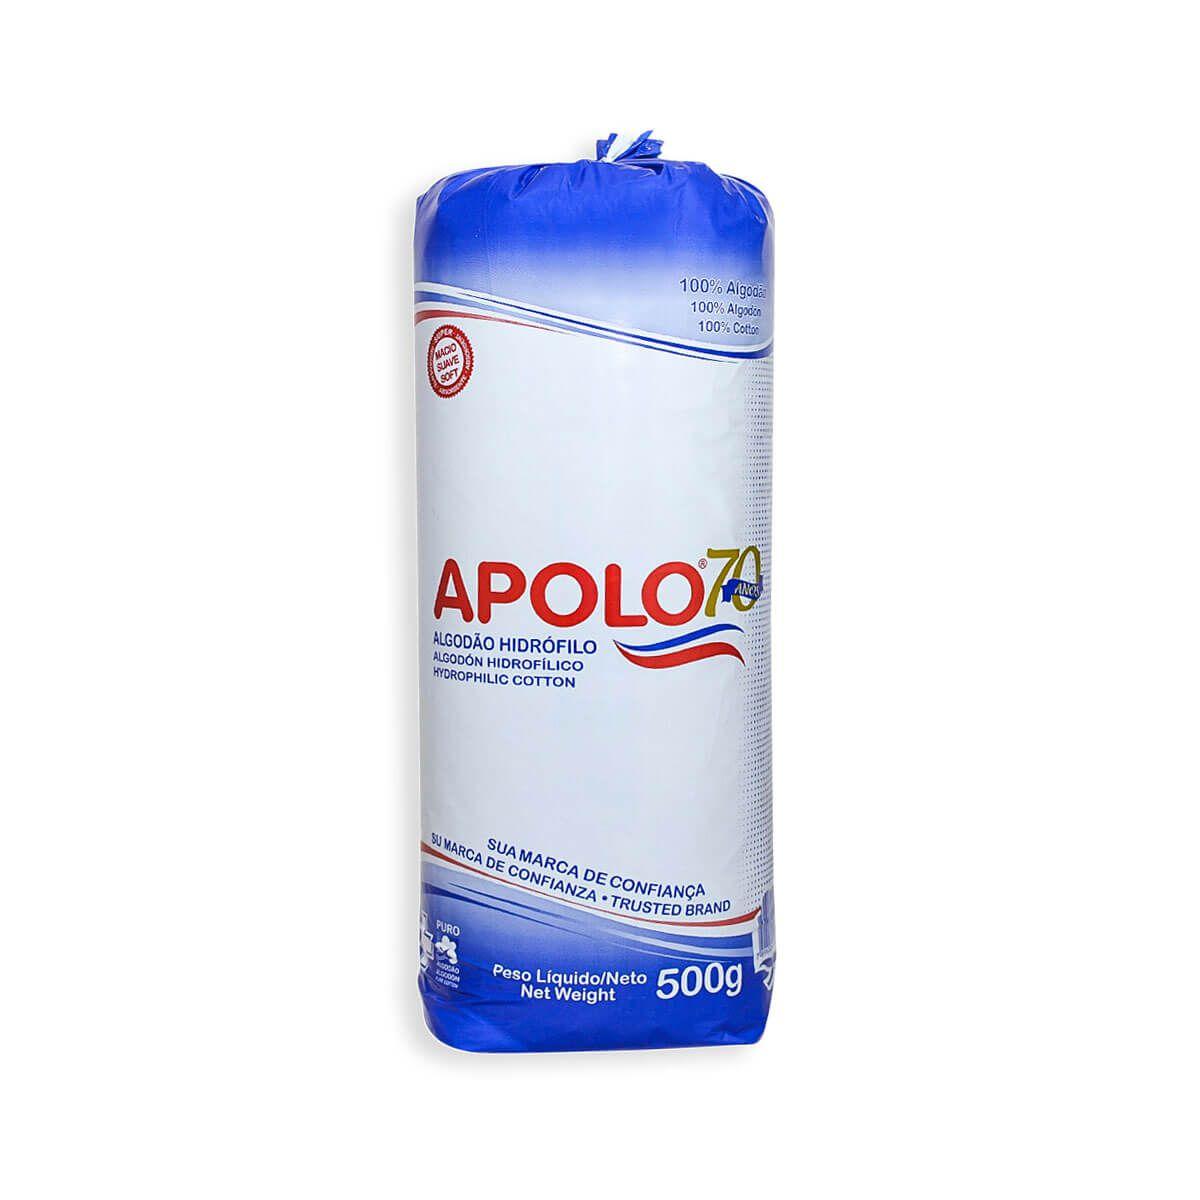 ALGODÃO HIDRÓFILO APOLO - 500G (NÃO ENVIAMOS ESSE PRODUTO PELOS CORREIOS)  - Misstética